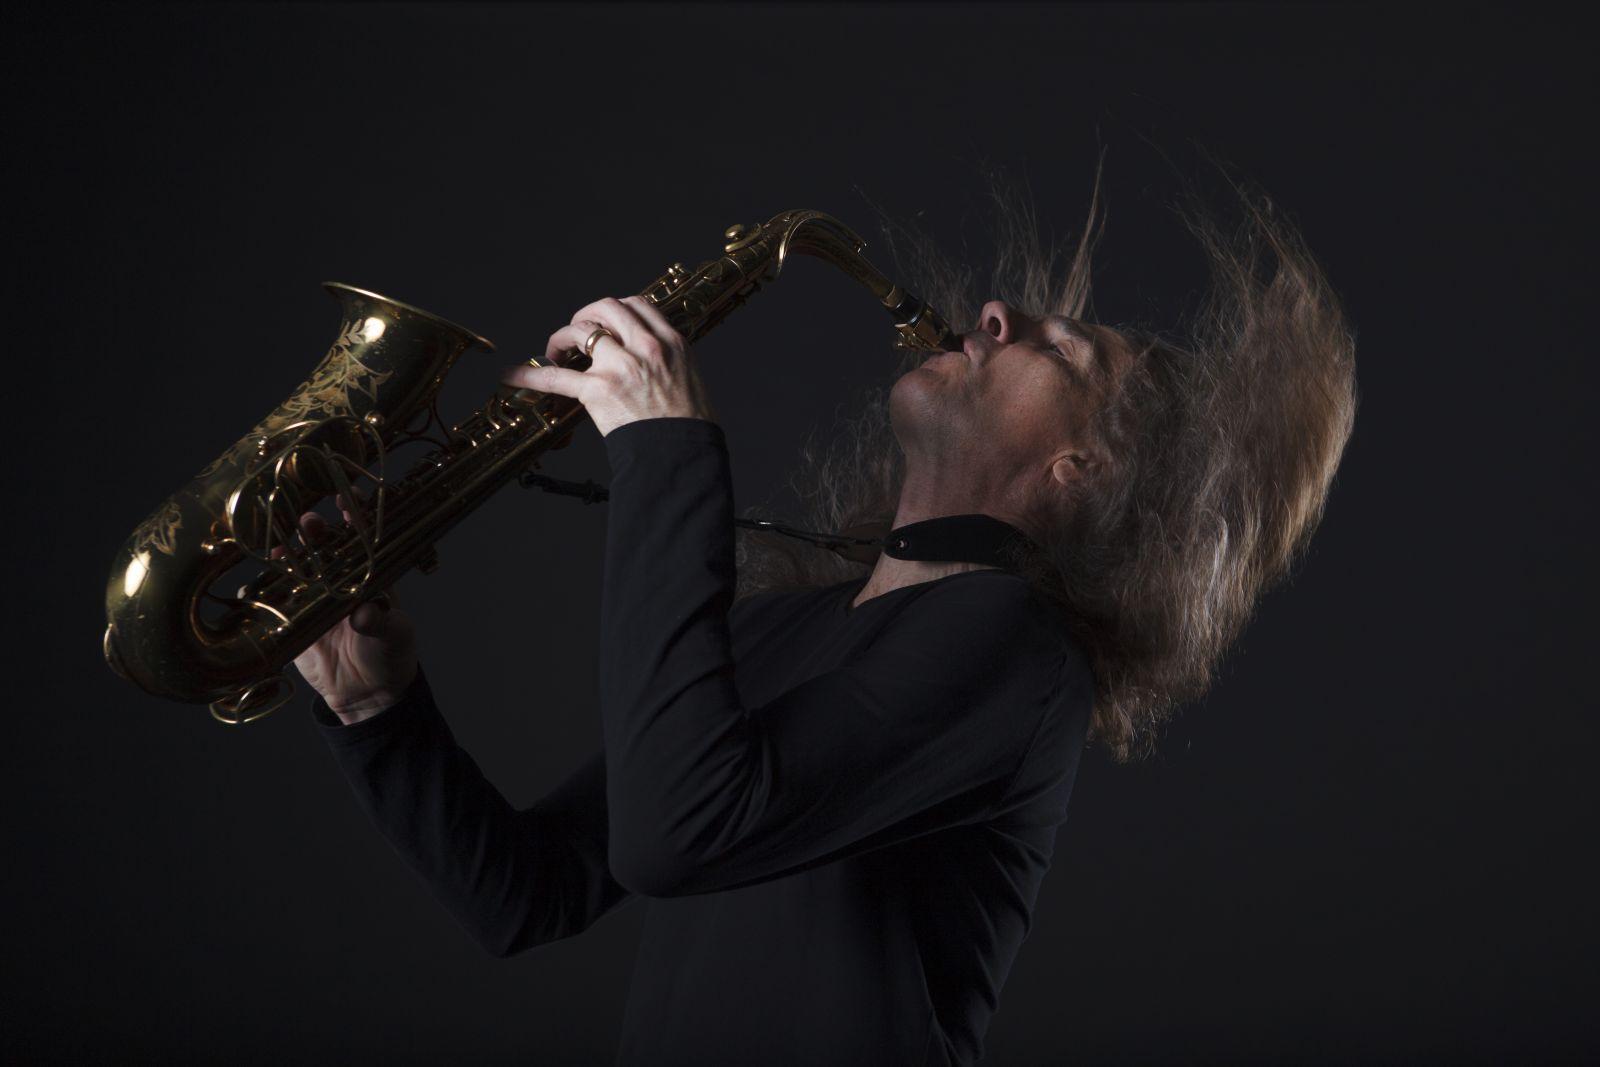 Tabuleiro Jazz Festival: evento chega à segunda edição, reunindo atrações internacionais e regionais - Sheldon Brown. Crédito: Jason Lew